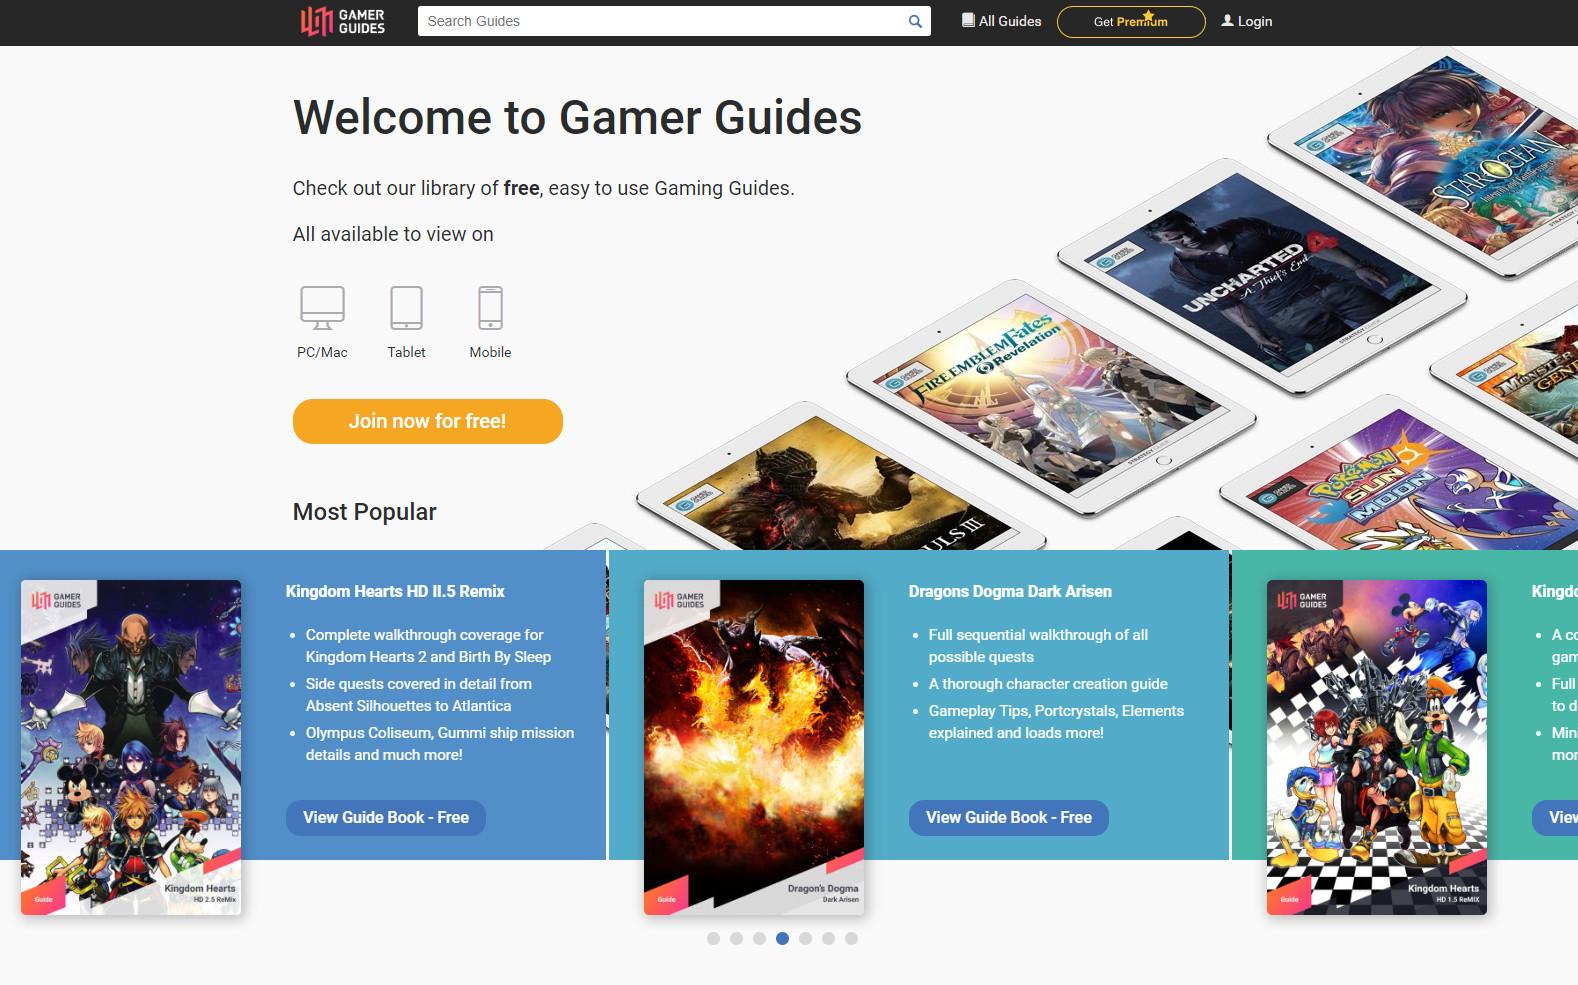 Gamer Guides